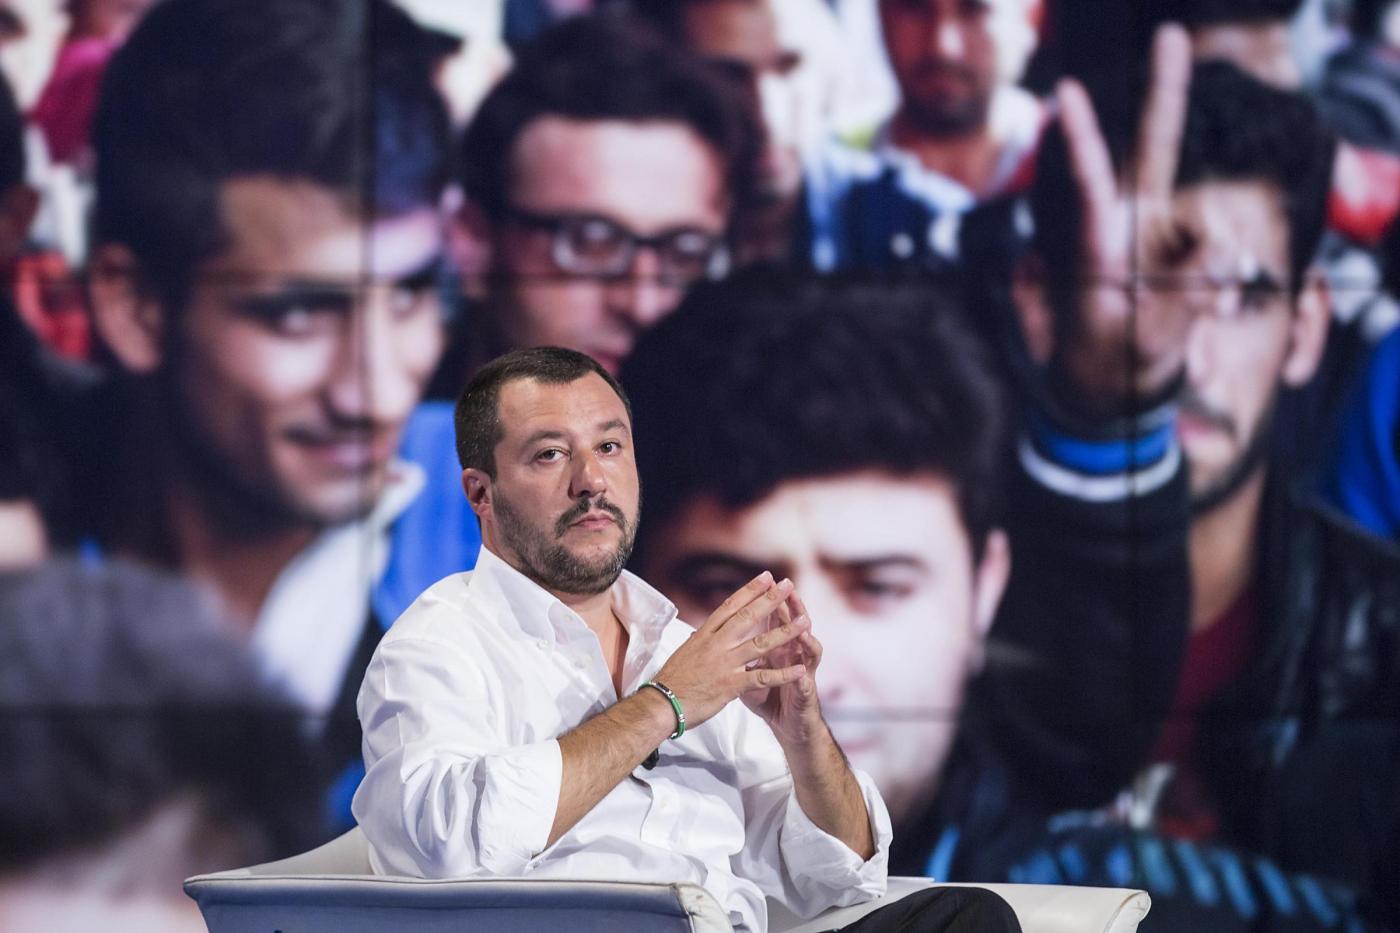 La Nigeria rifiuta il visto sul passaporto a Matteo Salvini: niente viaggio